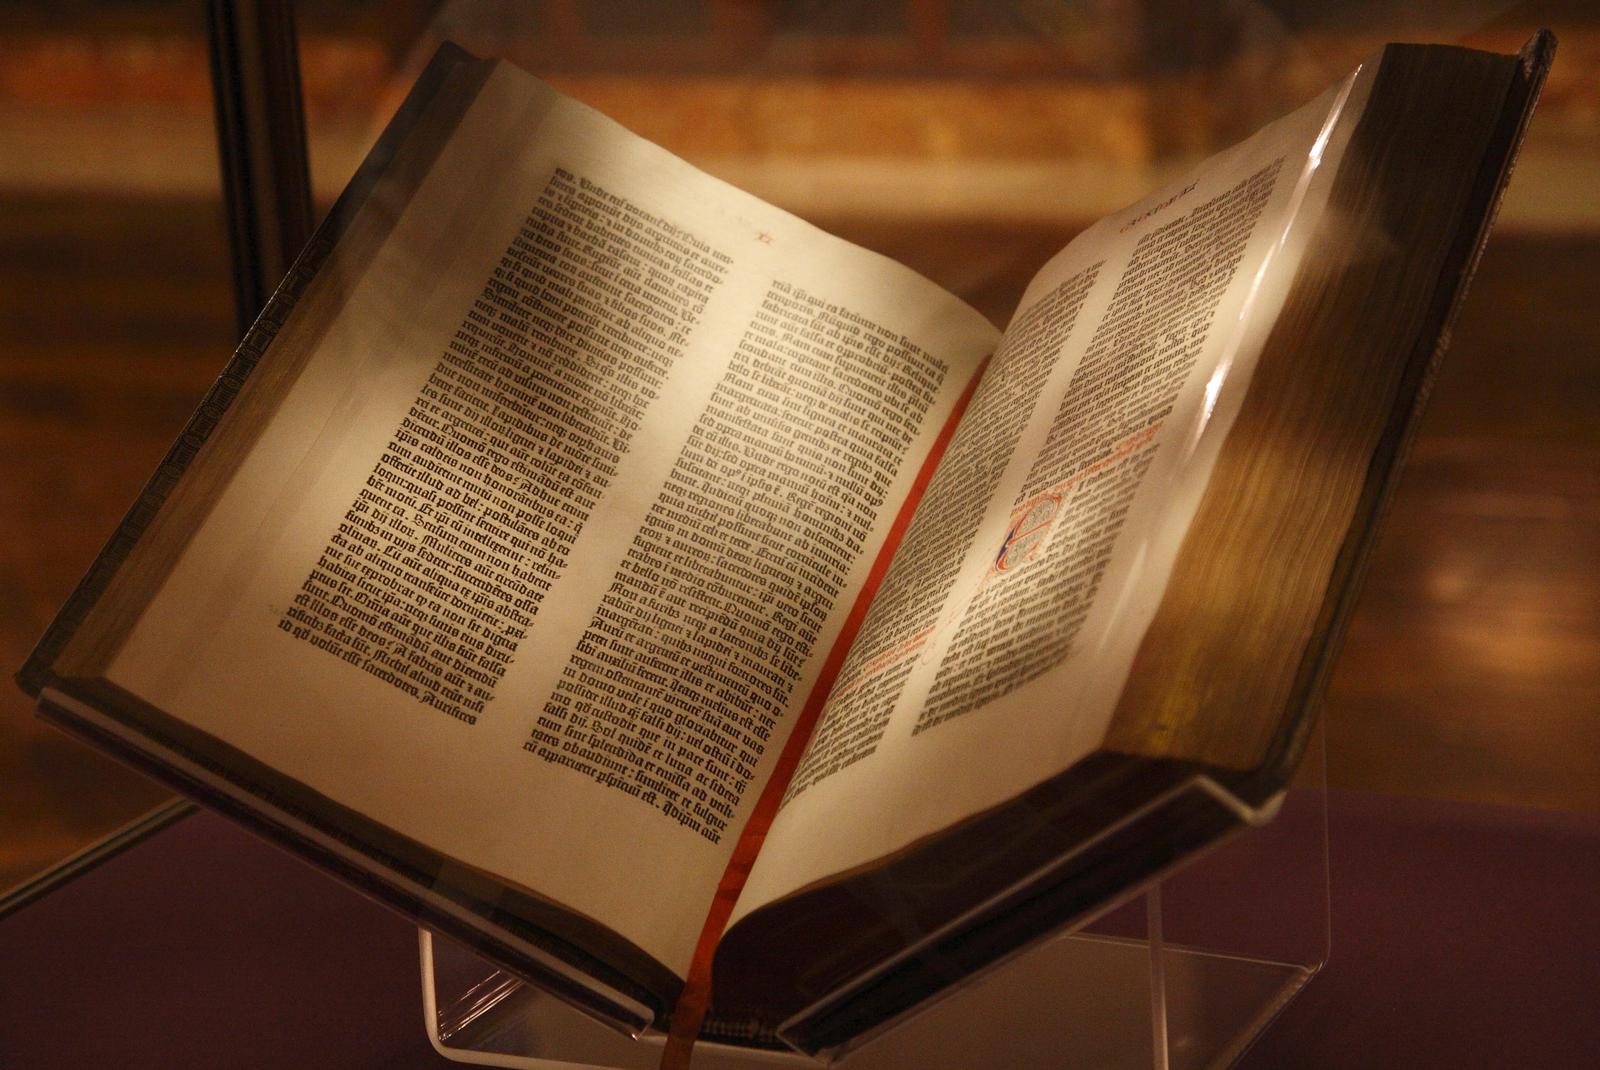 Mientras lee su libro - 2 8